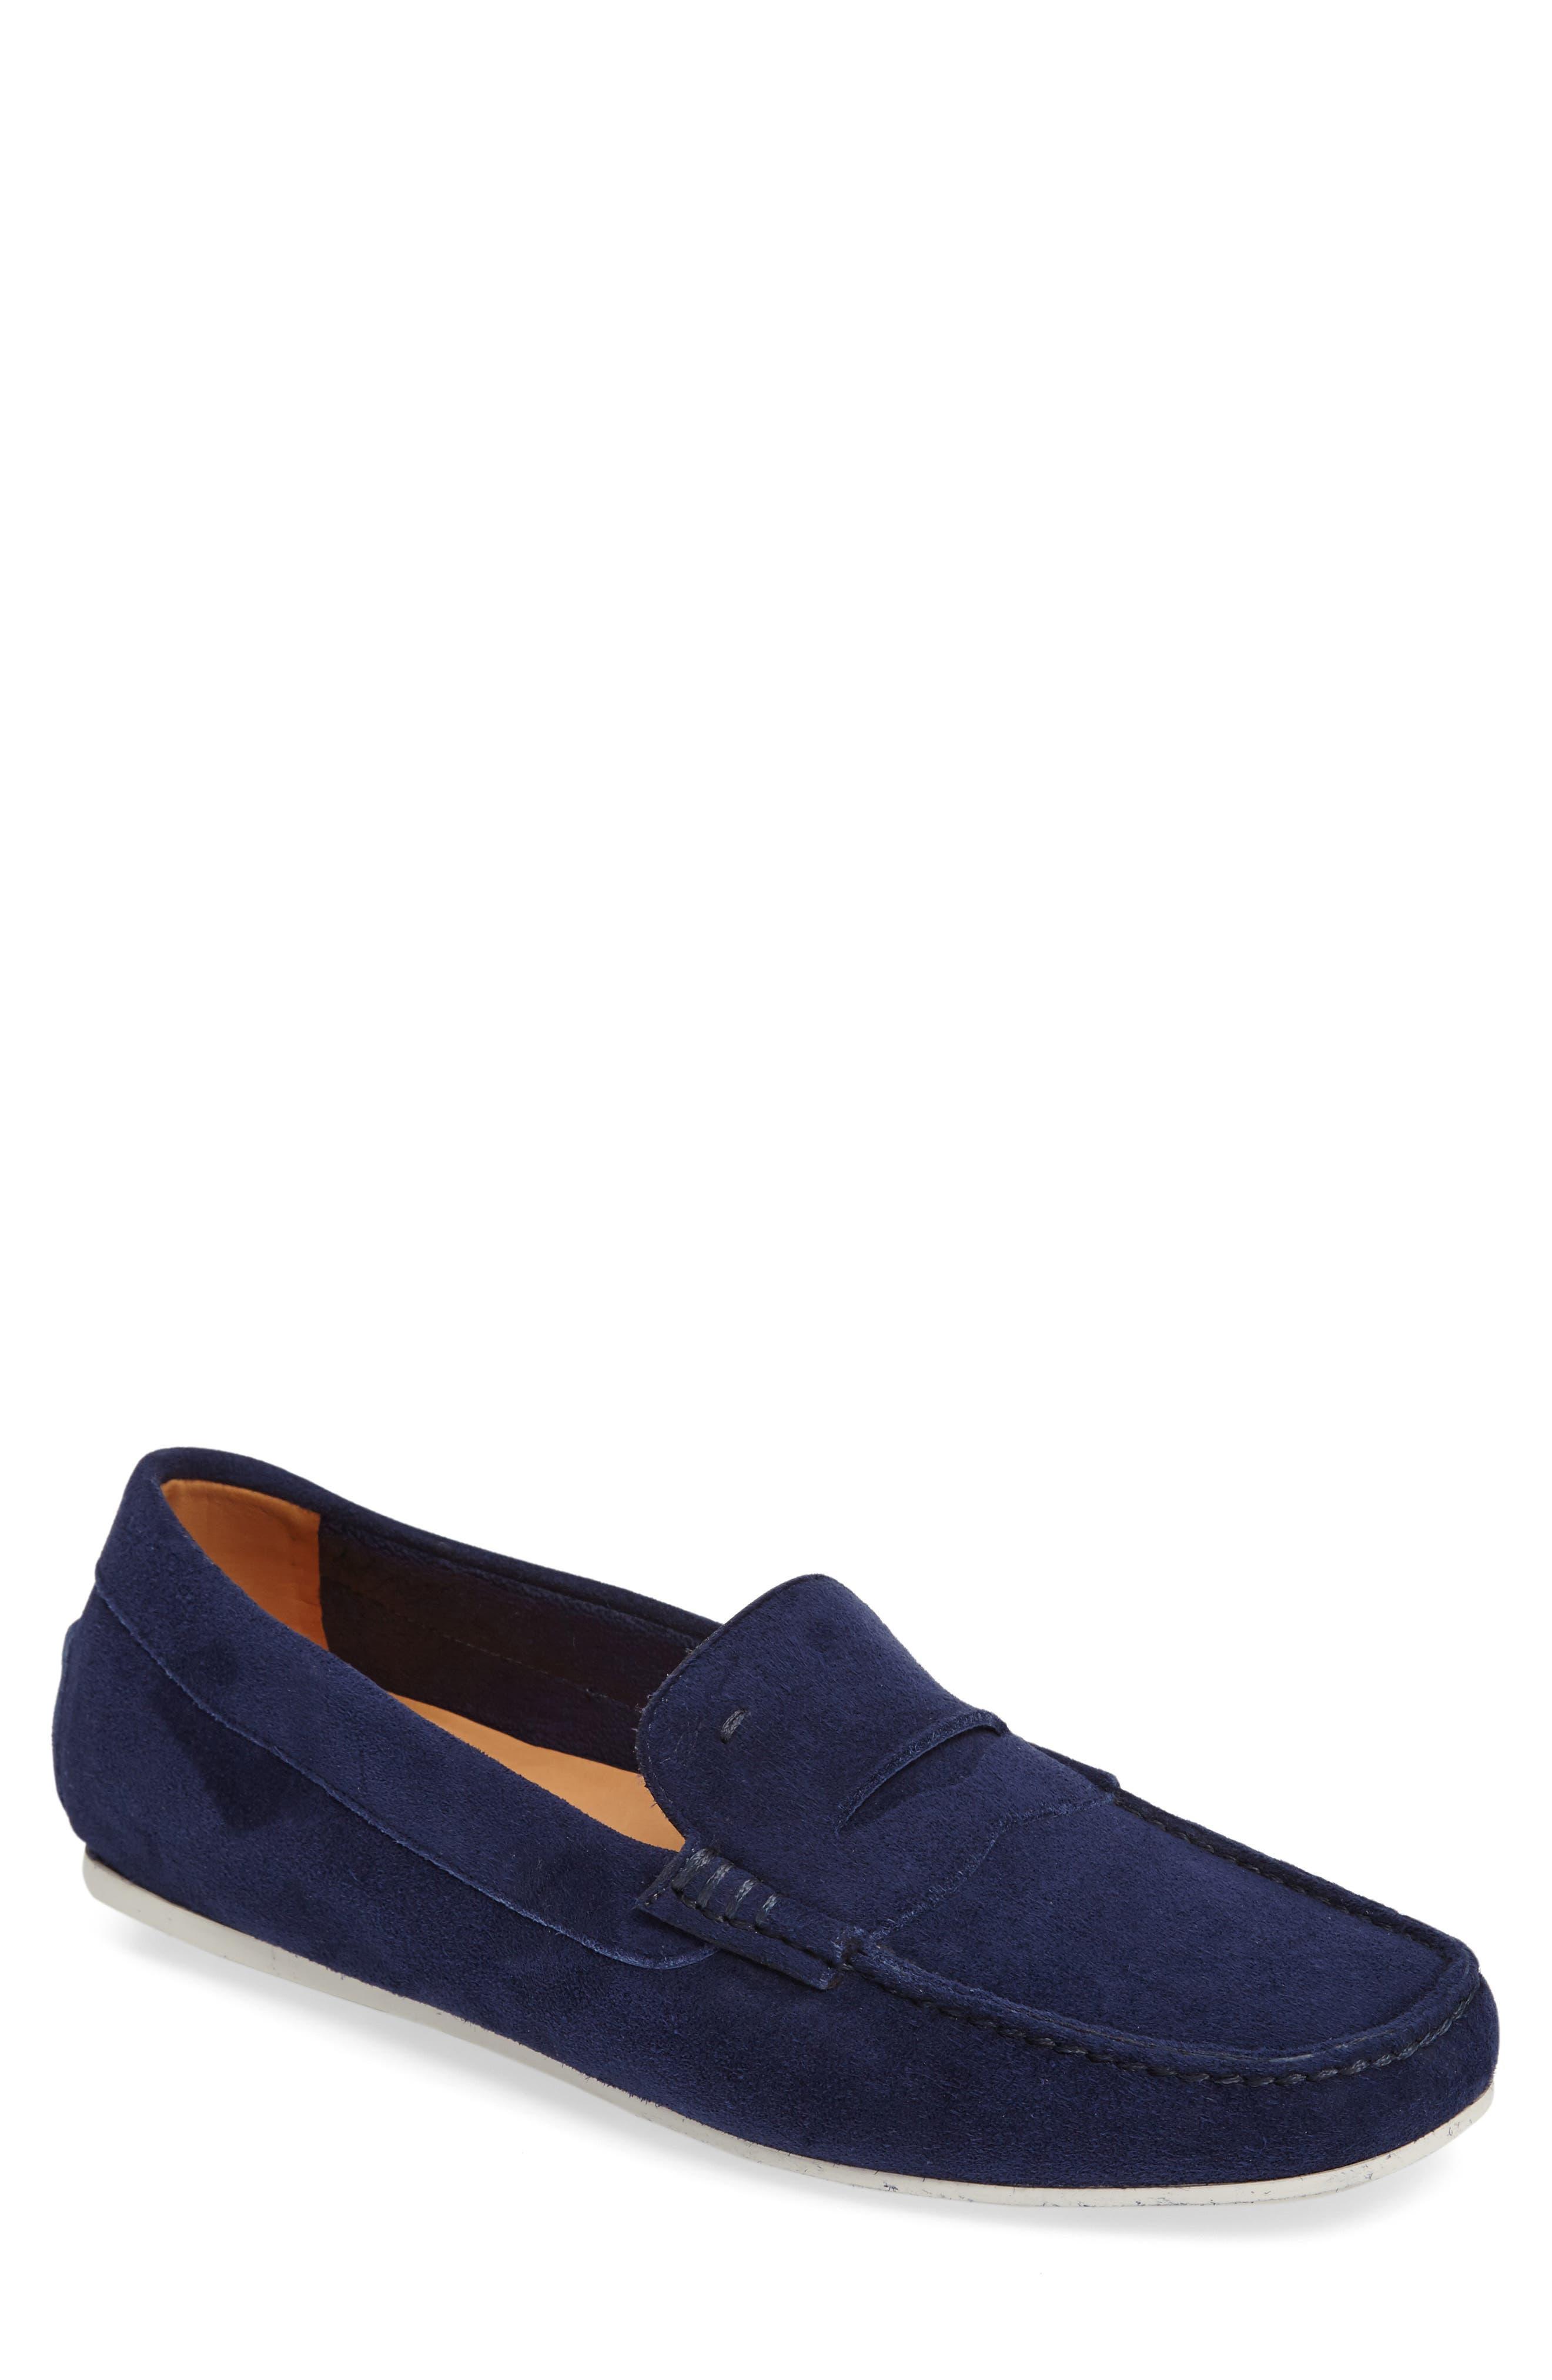 'Tanton' Driving Shoe,                             Main thumbnail 1, color,                             Blue Suede